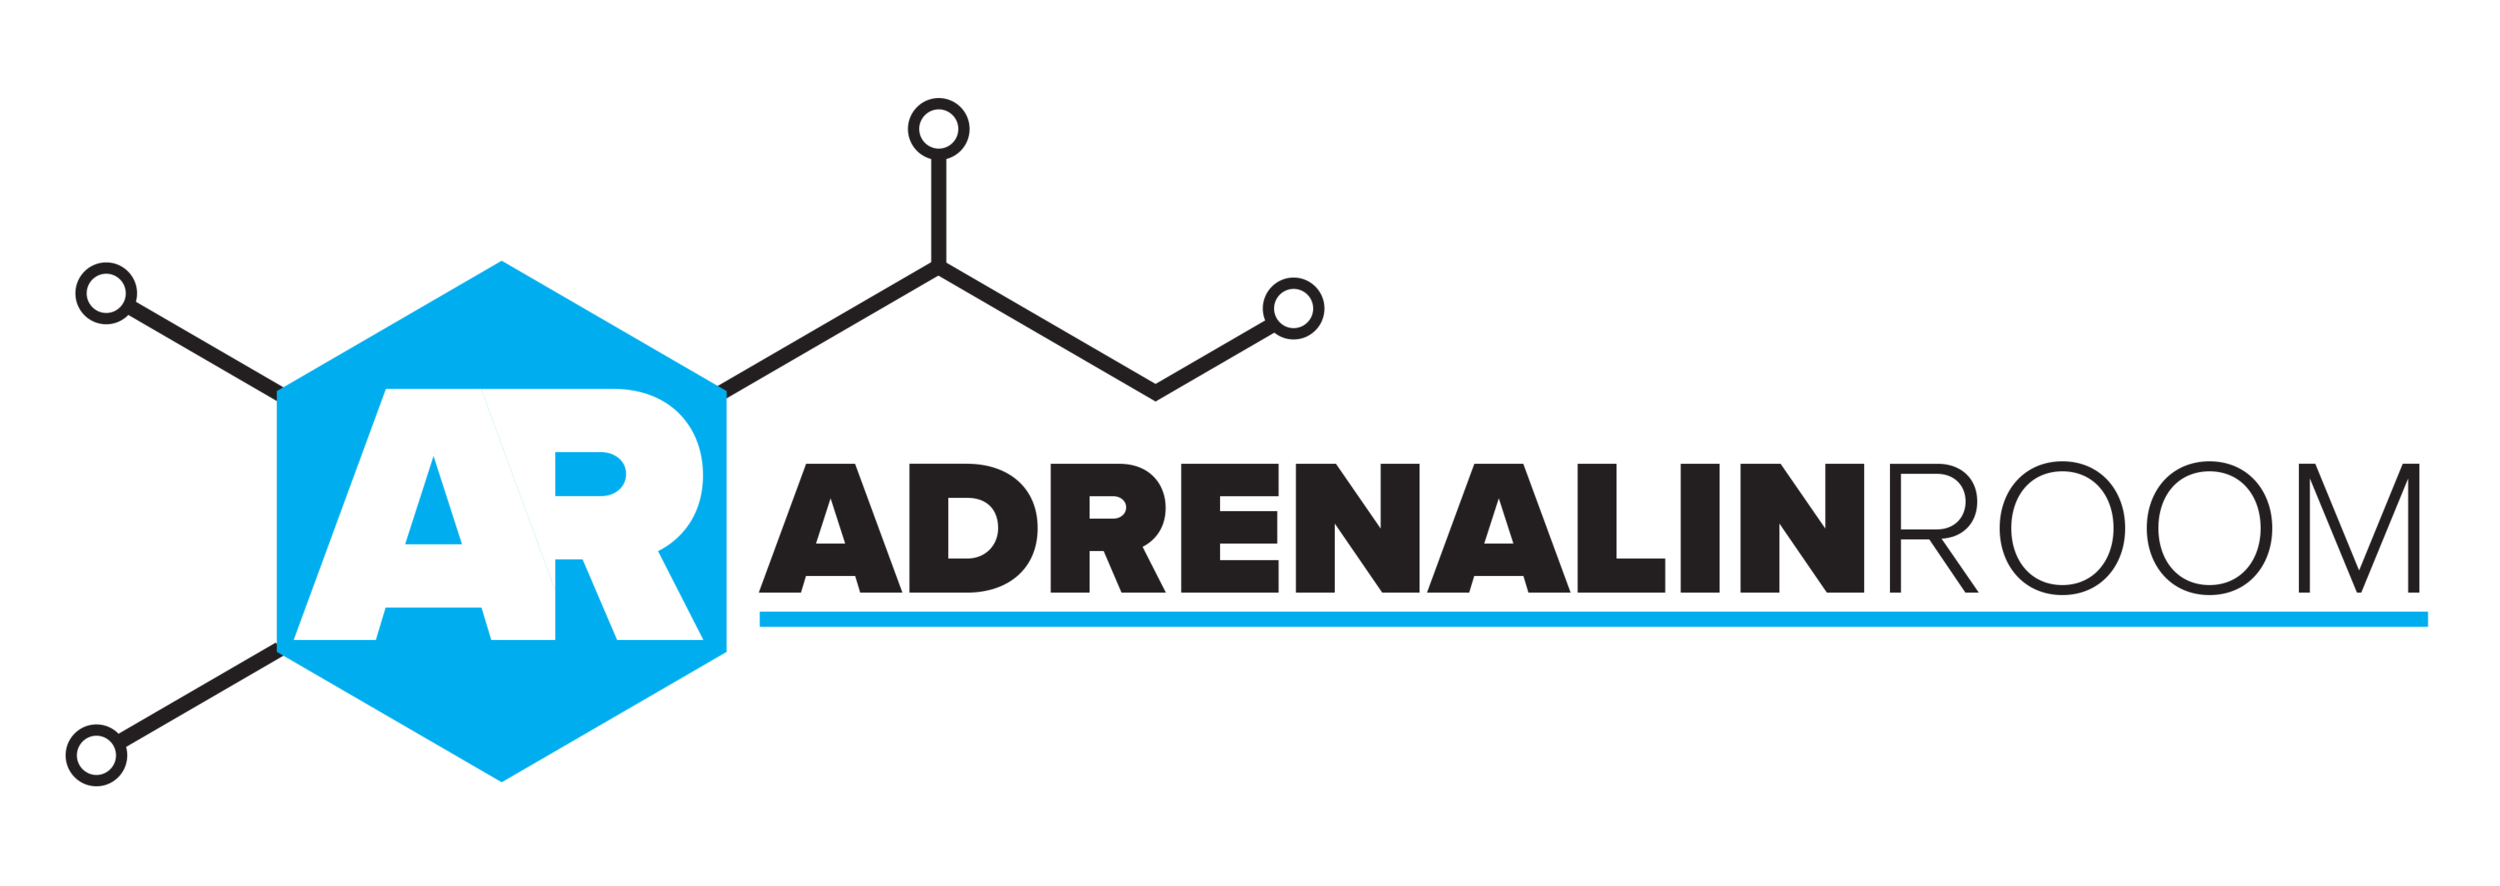 Adrenalin Room - Logo Concept